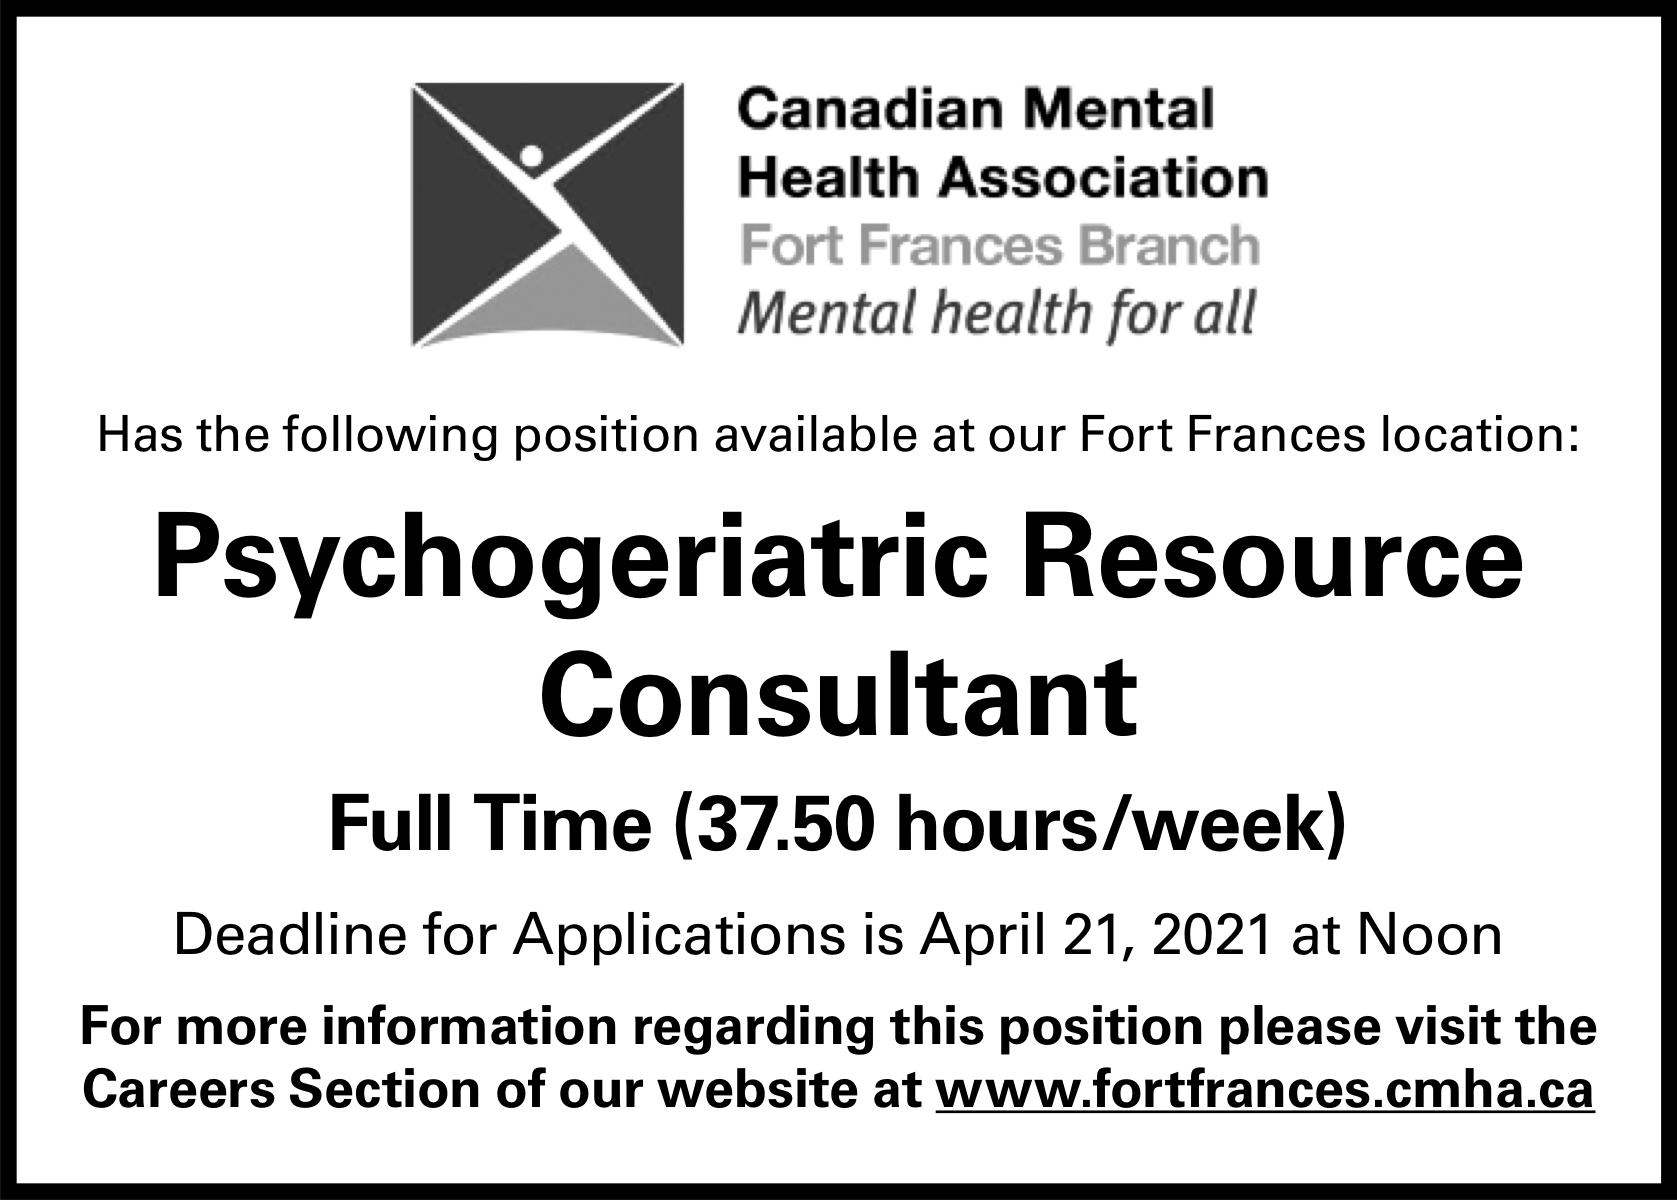 Psychogeriatric Resource Consultant